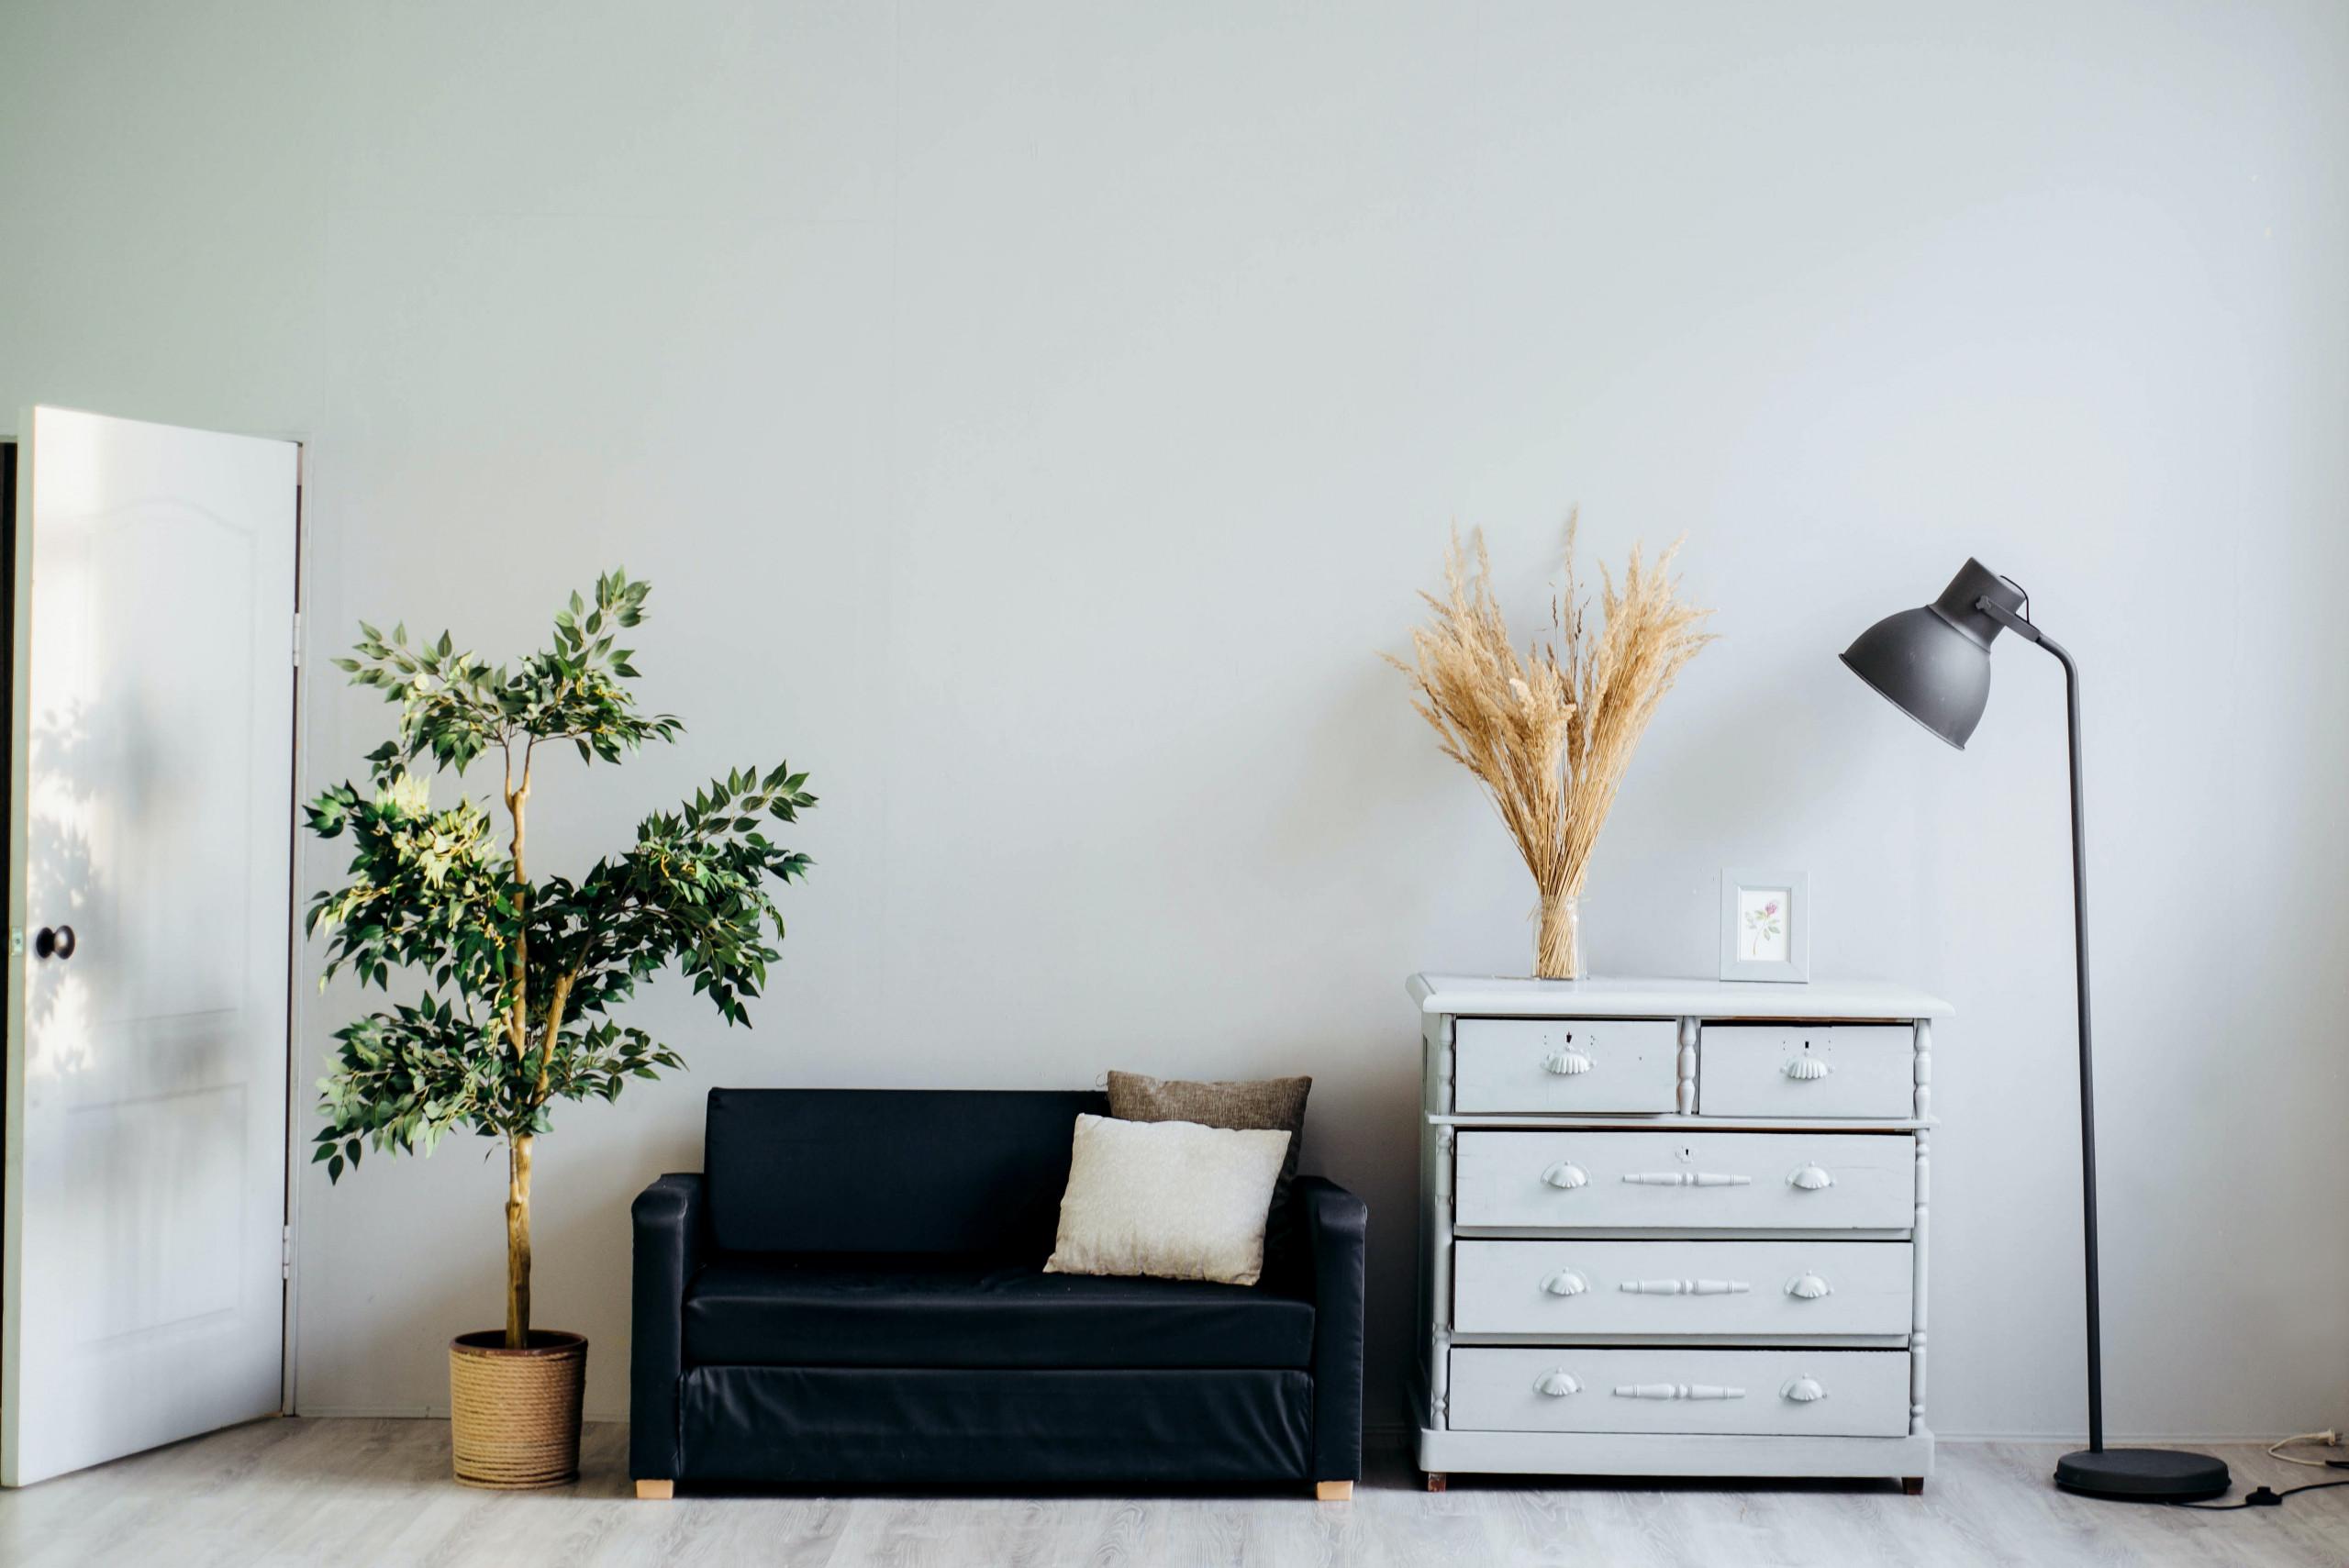 sala-decoração-plantas